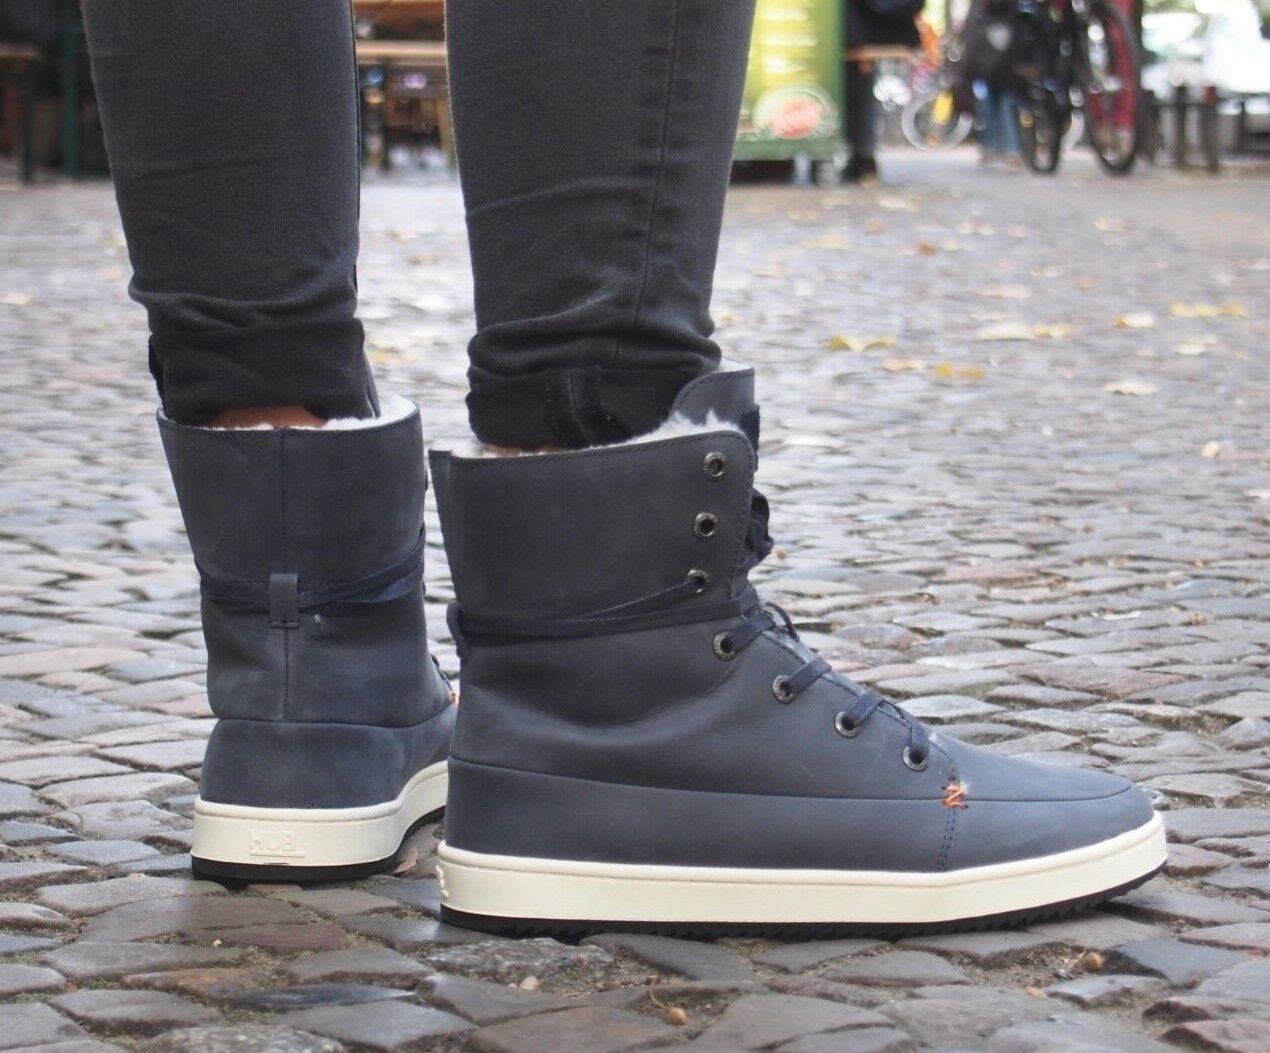 HUB Footwear Schuh Vermont 2. dark navy blau Stiefelette gefüttert Echtleder NEU